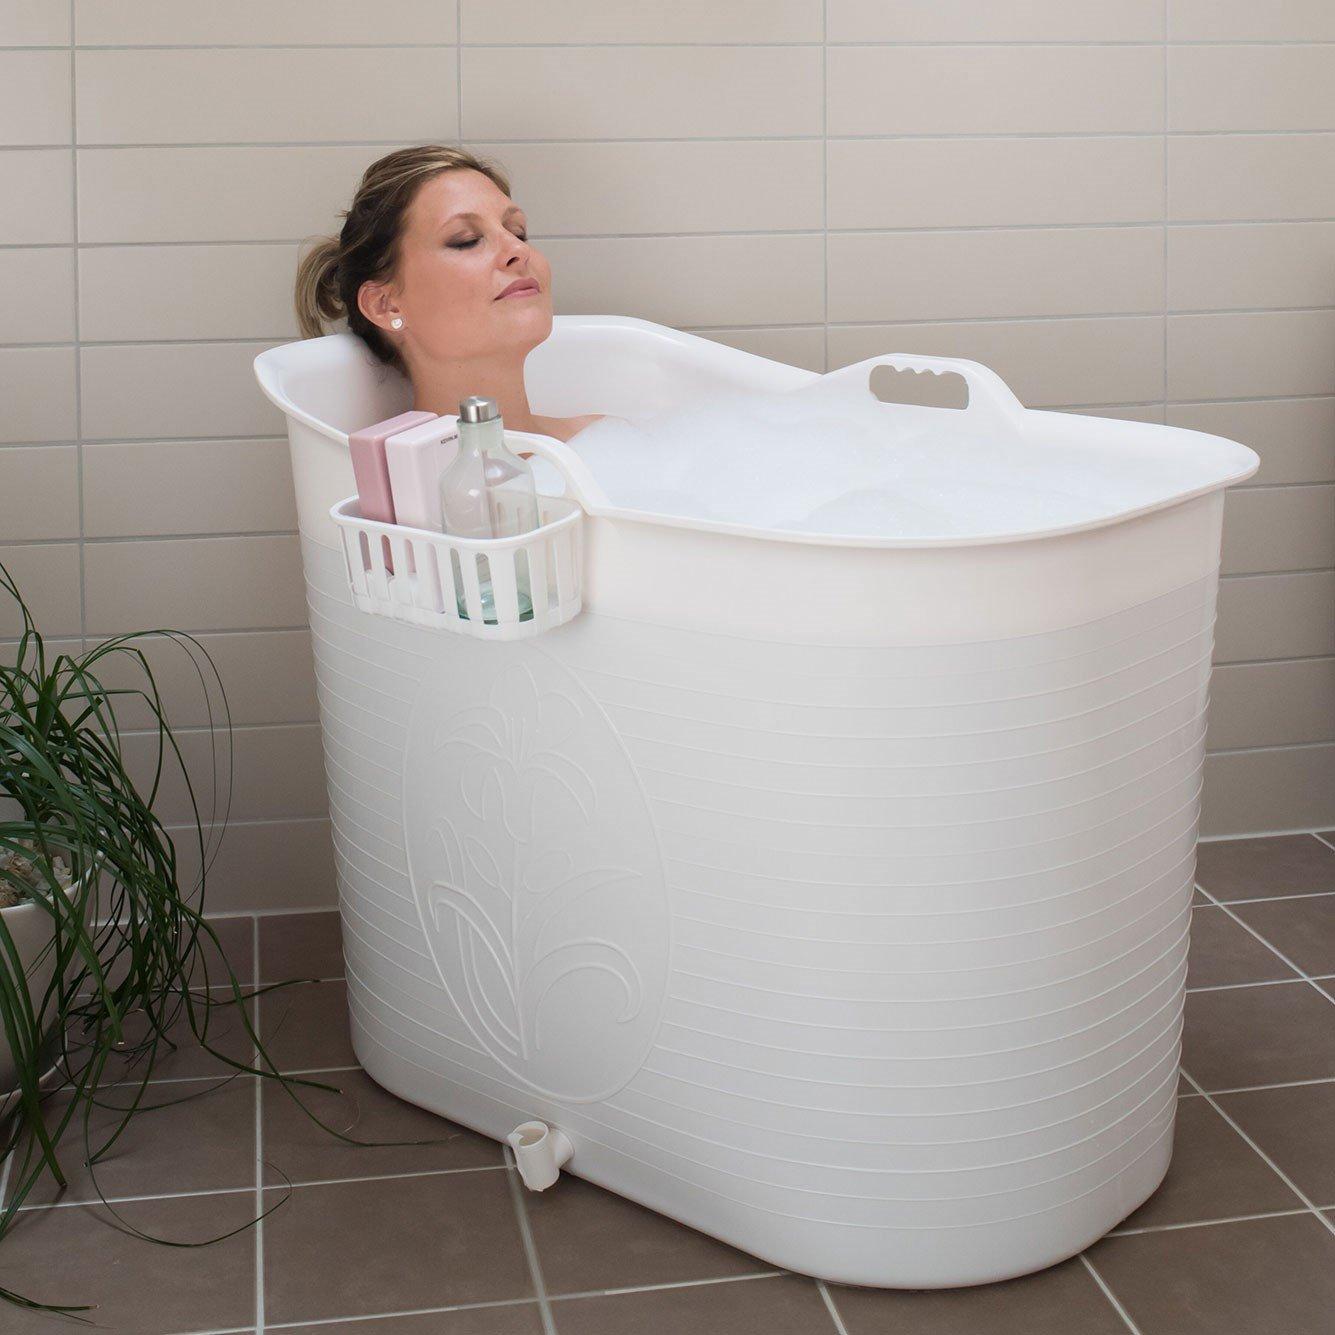 hur många liter rymmer ett badkar